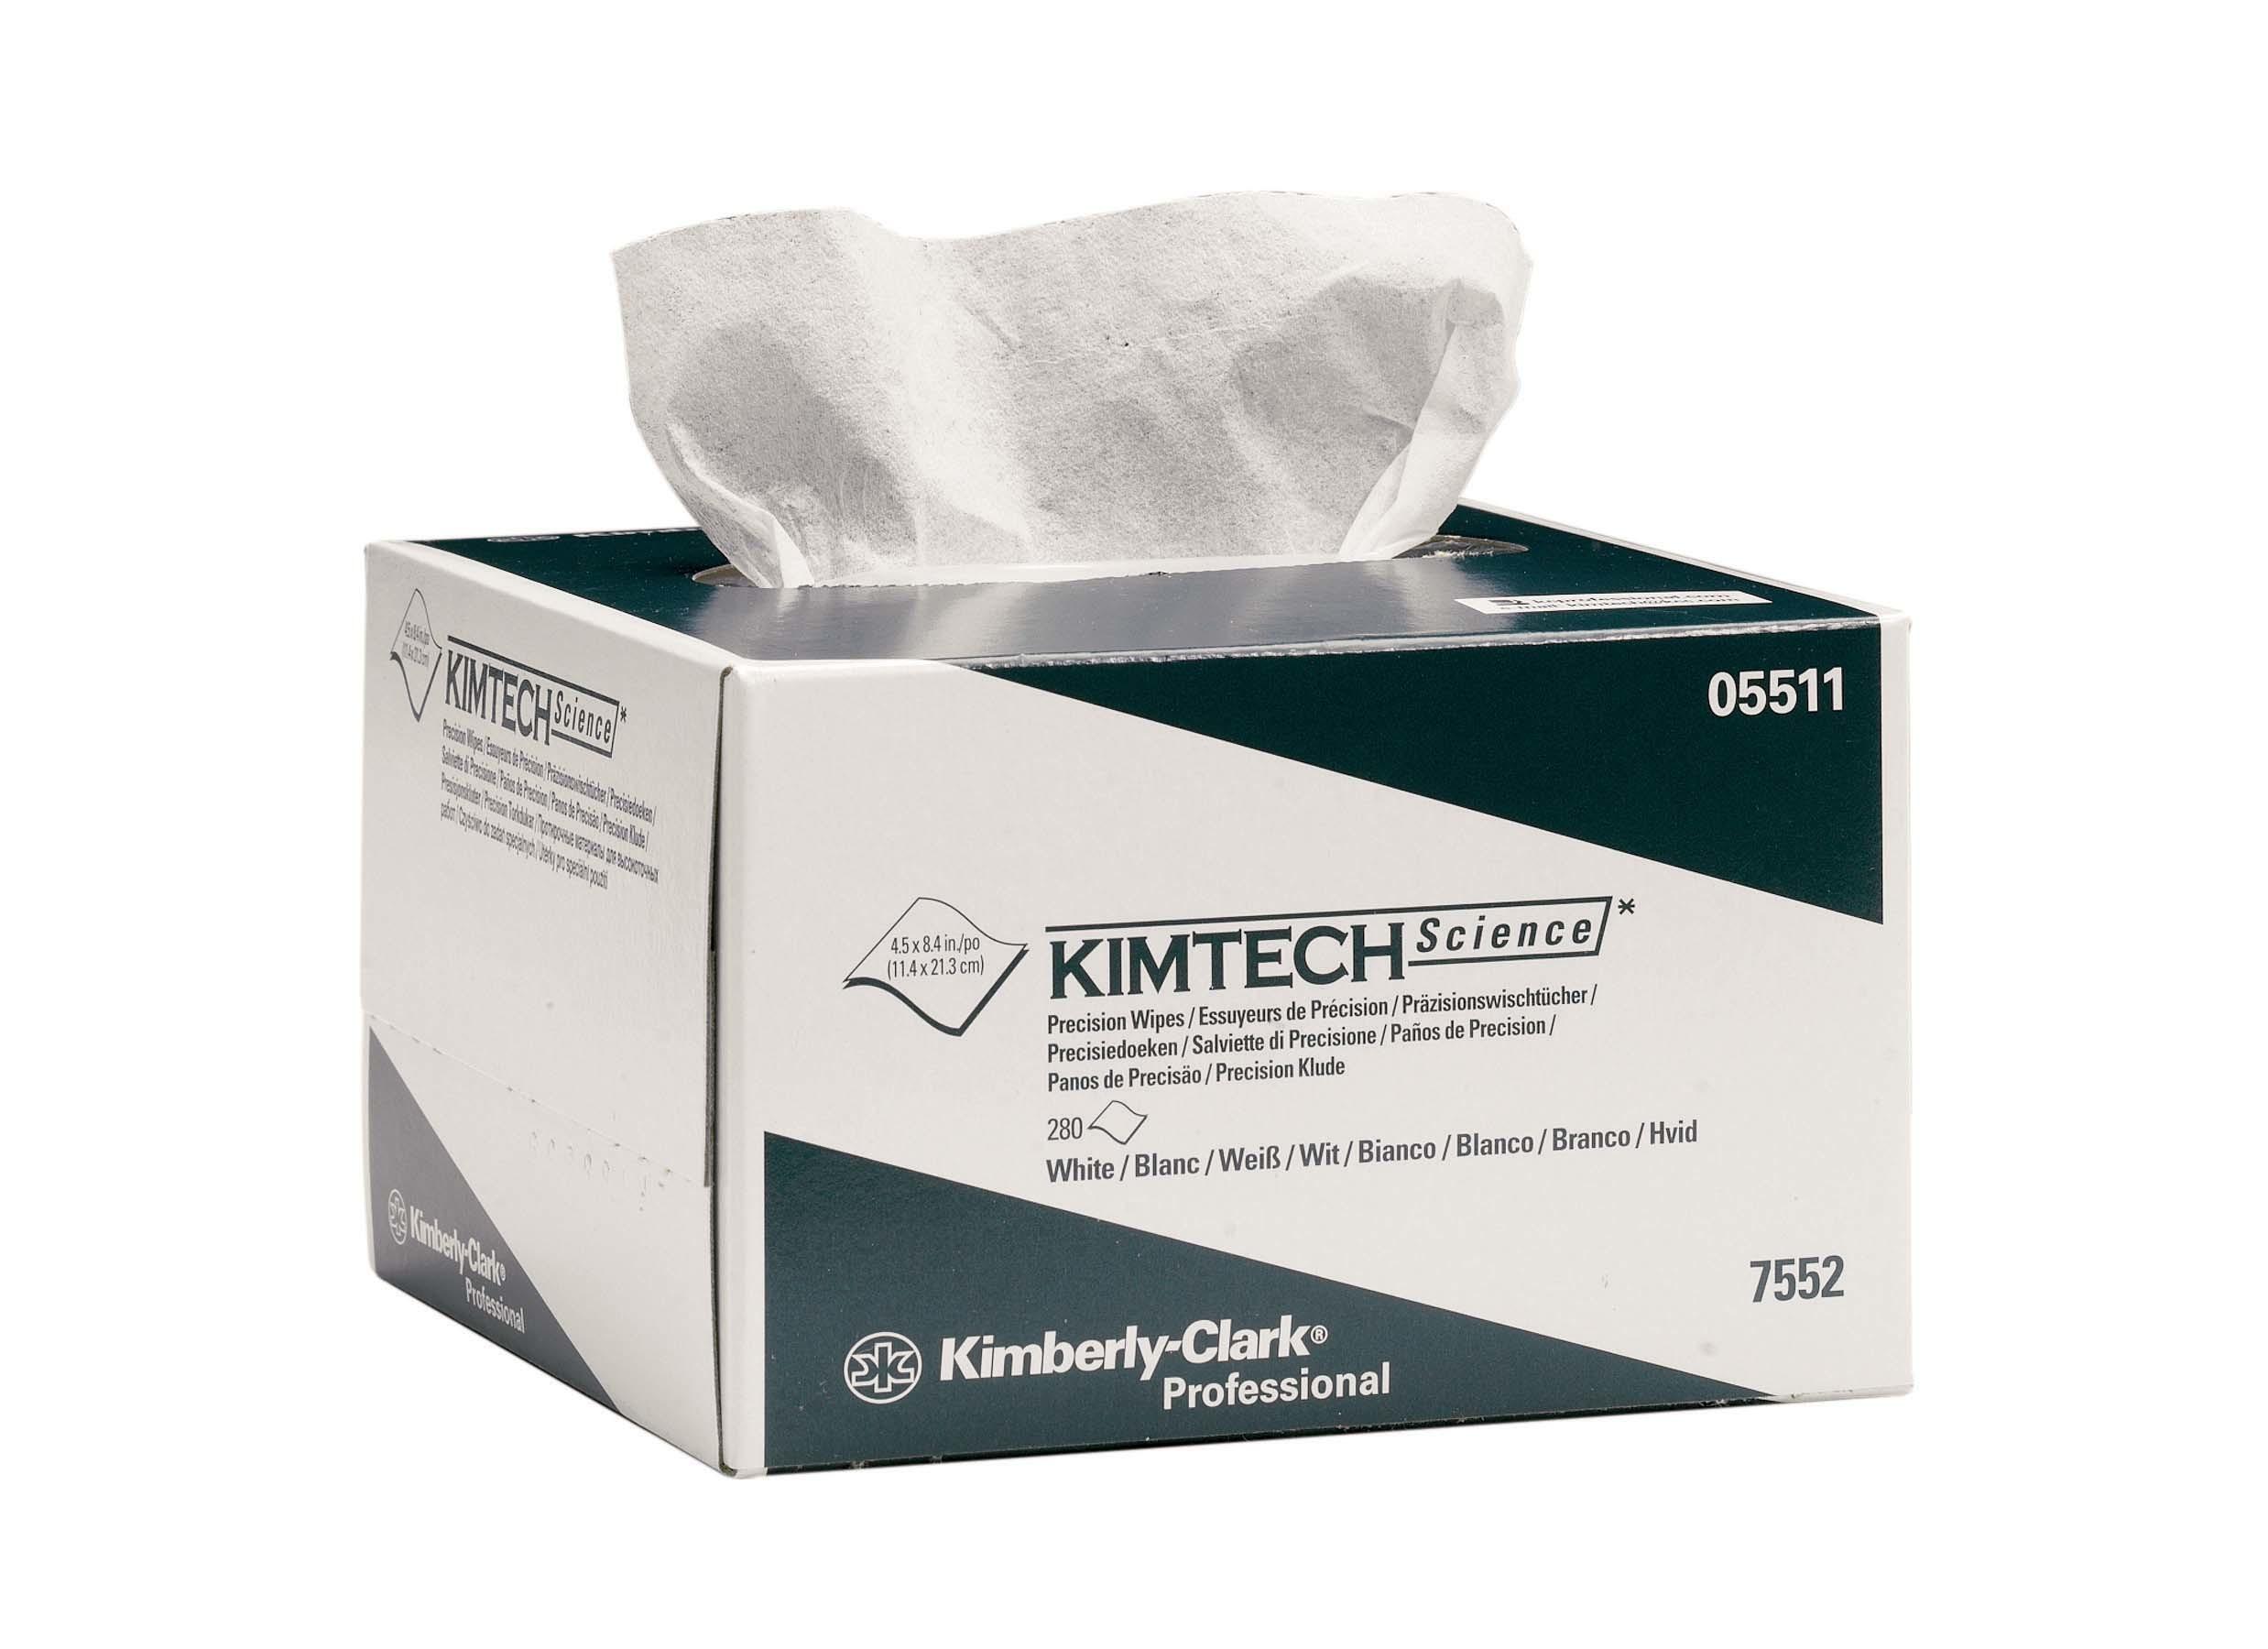 Lavete Kimtech Science Precision W Alb 1 Strat 2021 sanito.ro